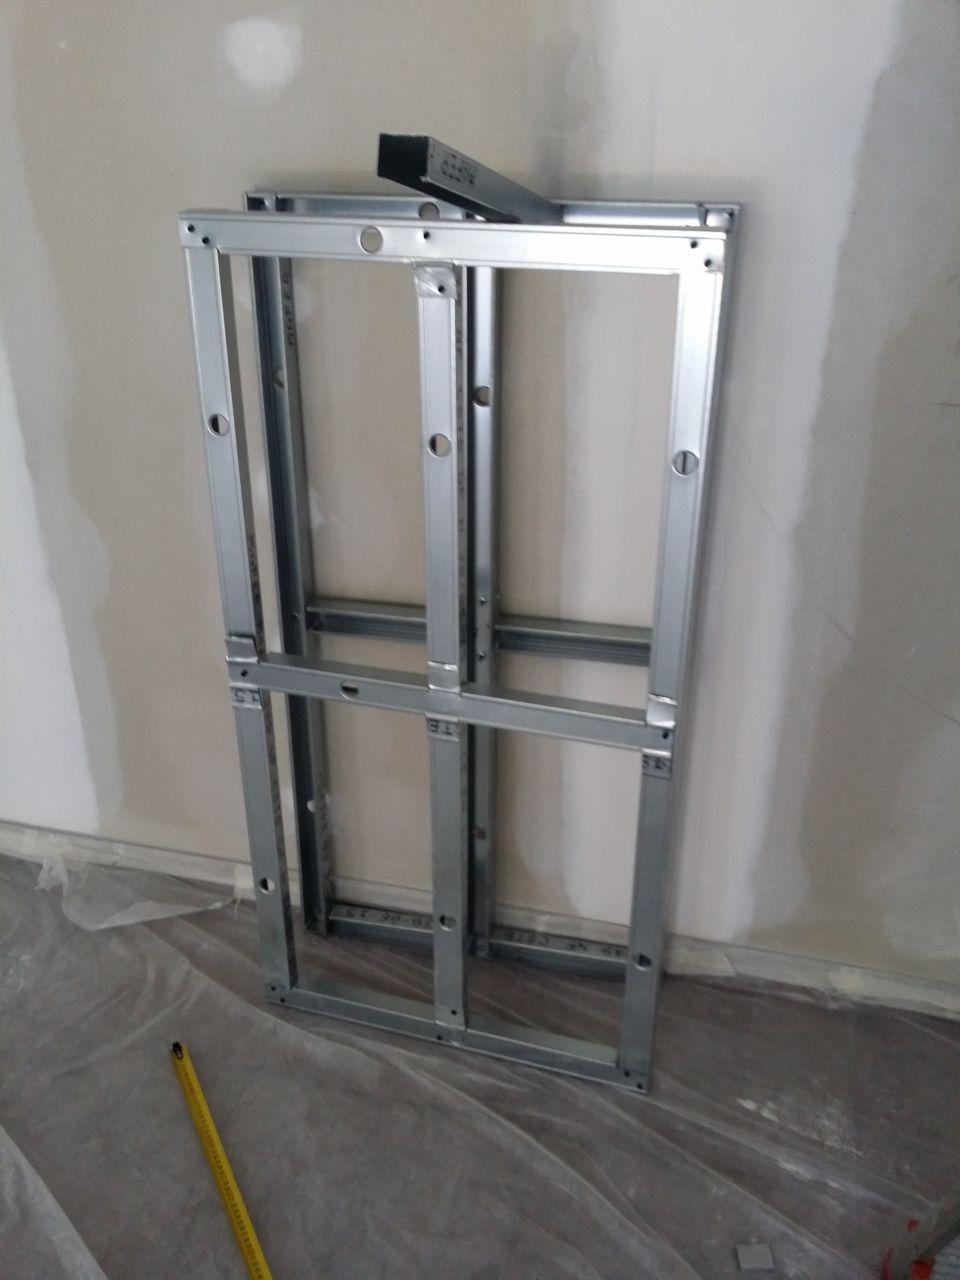 préparation du plafond suspendu qui sera au dessus de l'ilot central de la cuisine